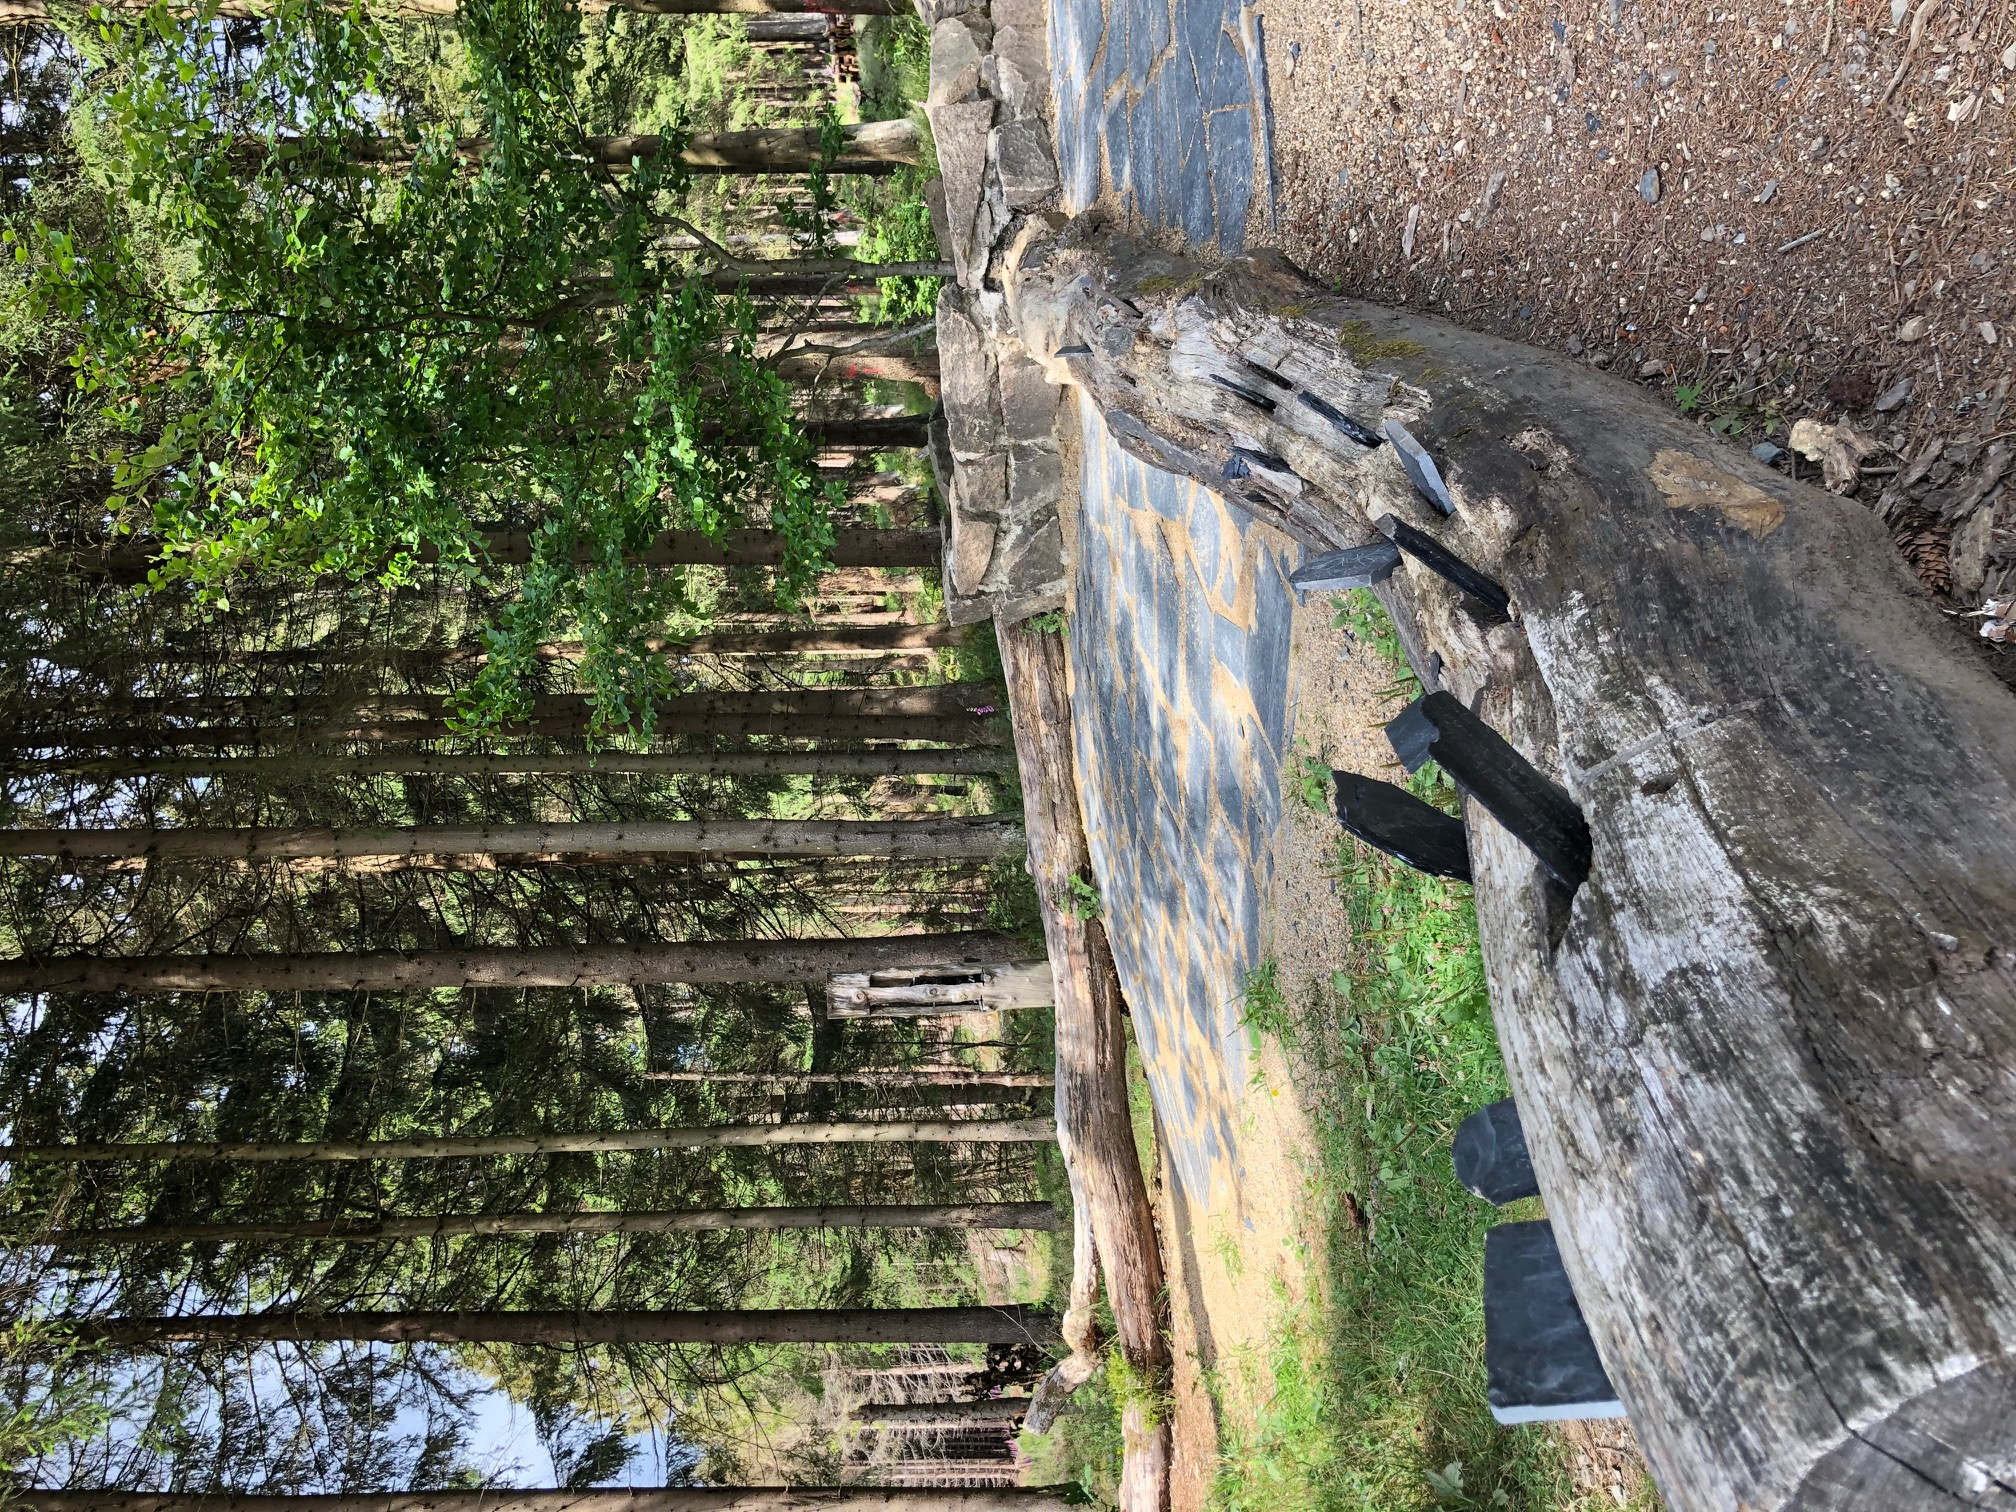 braunlage-naturmythenpfad-wunschbaum(c)btmg.jpg